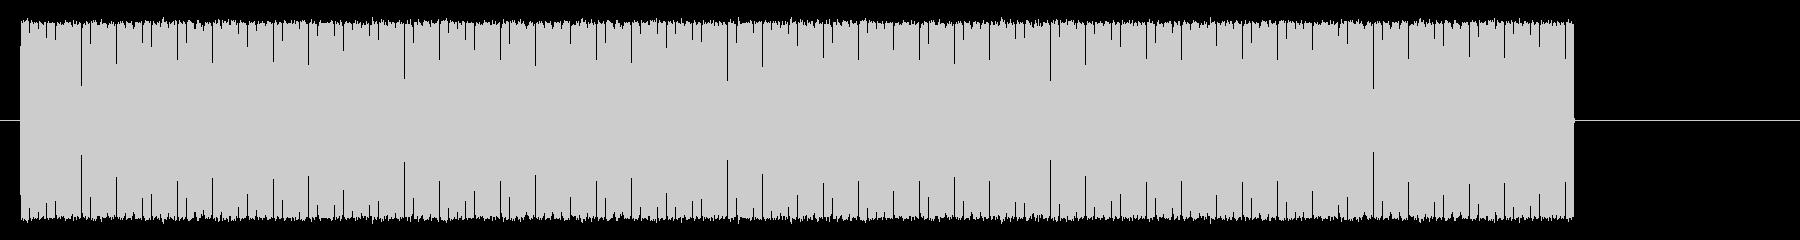 コンピューター、コンピューター警告...の未再生の波形